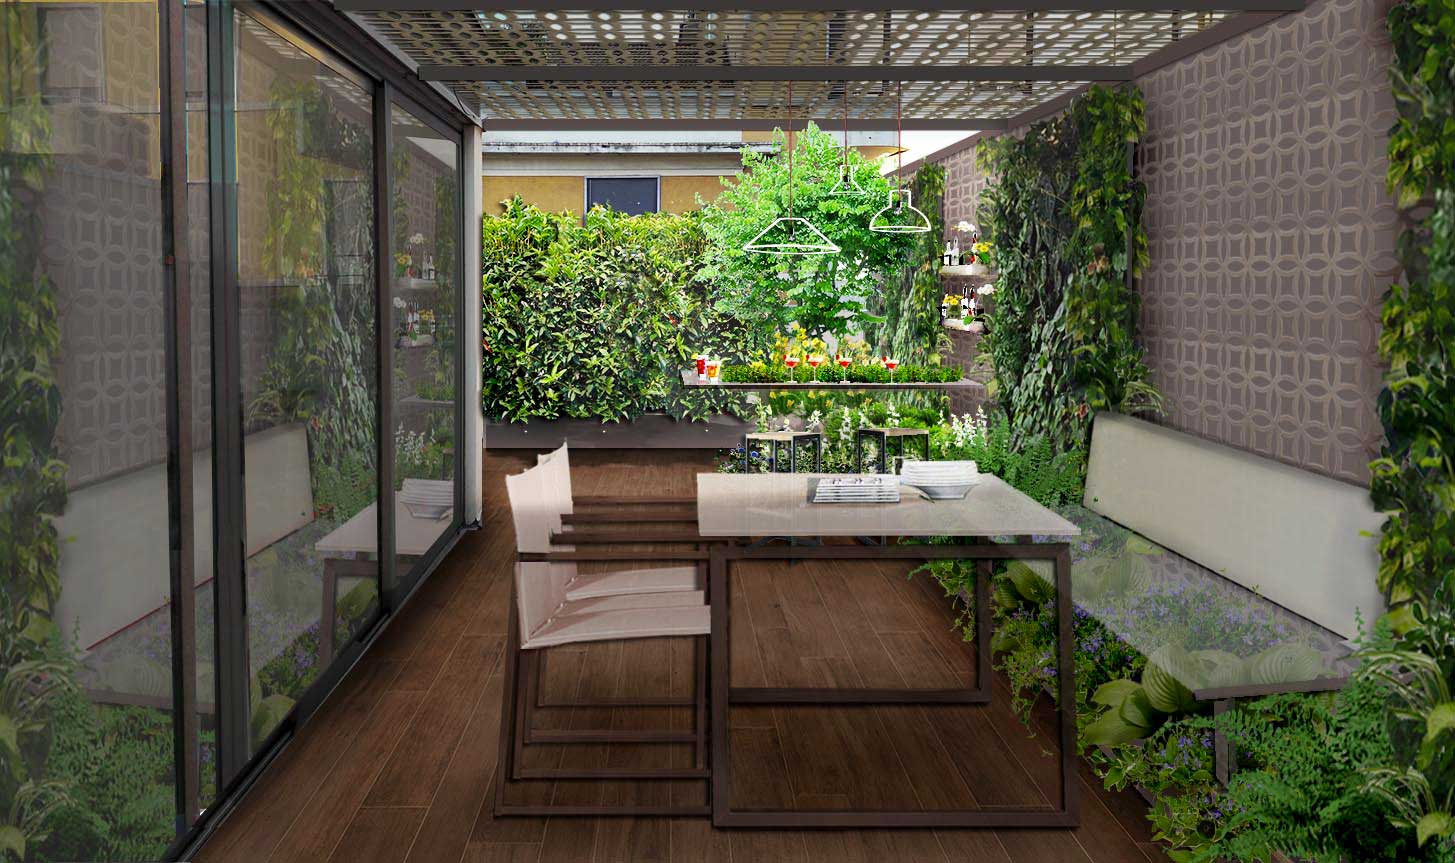 Verde progetto il terrazzo fashion - Progettazione terrazzi milano ...